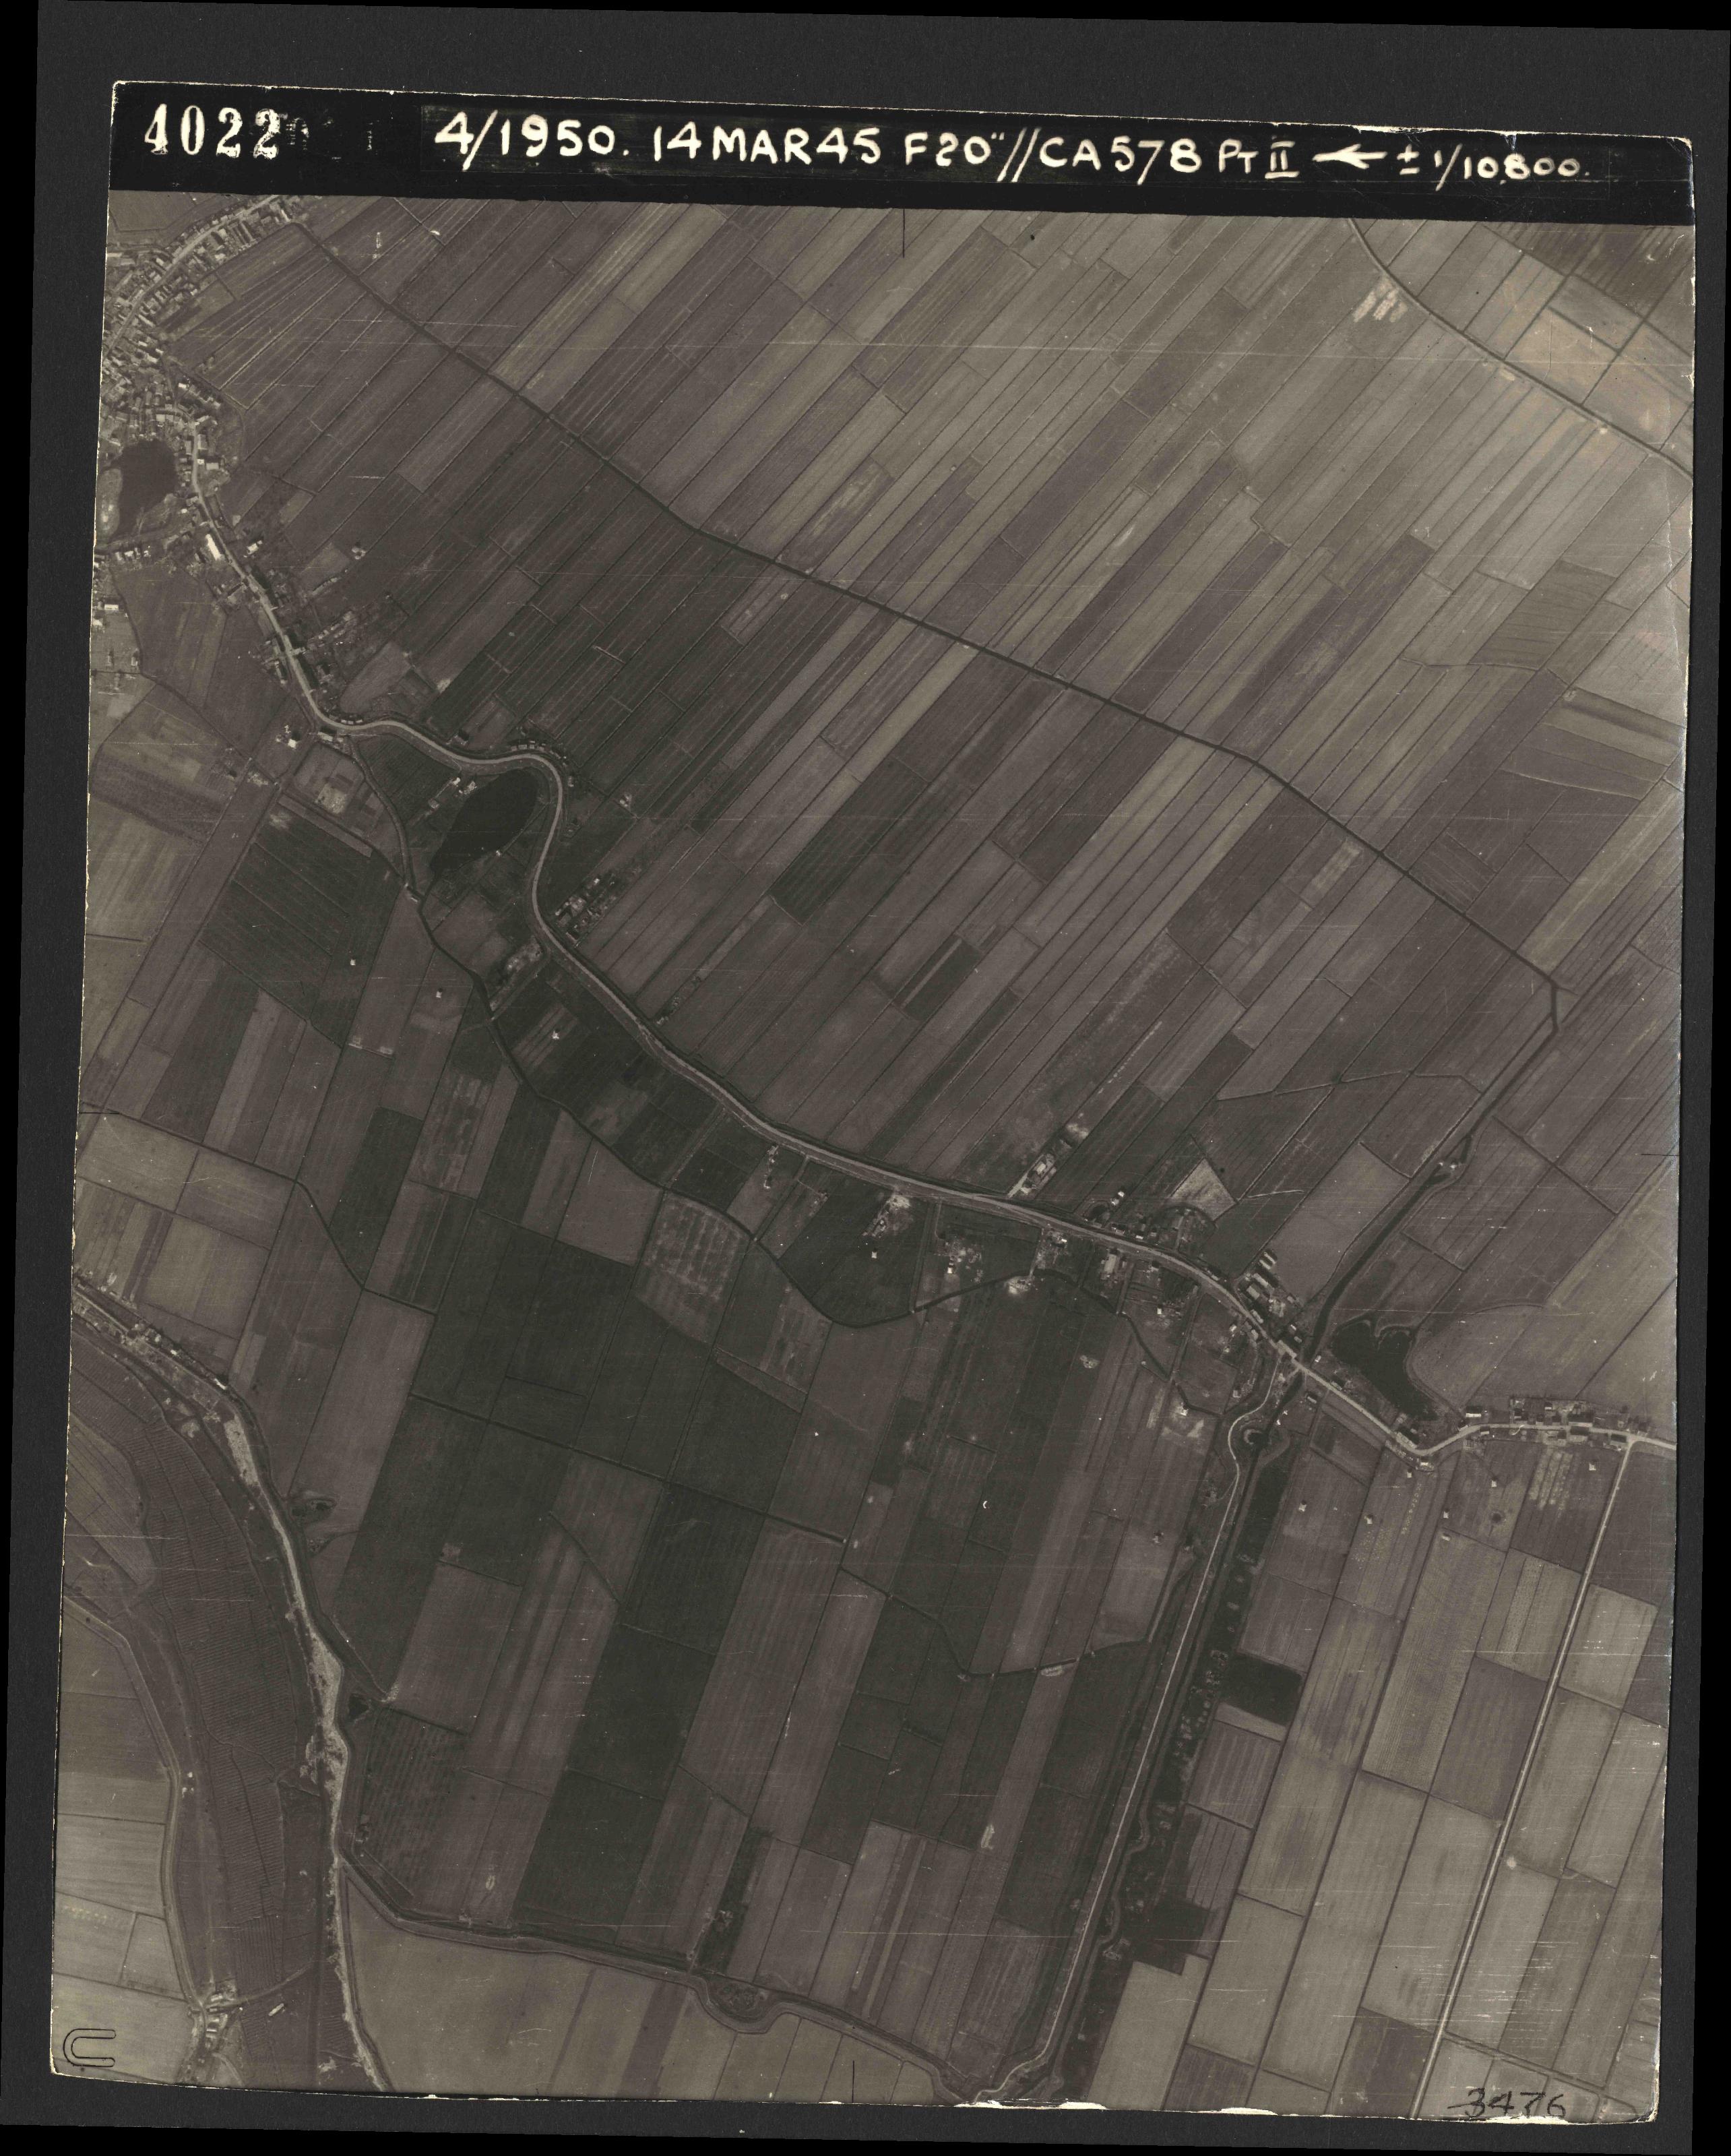 Collection RAF aerial photos 1940-1945 - flight 010, run 01, photo 4022